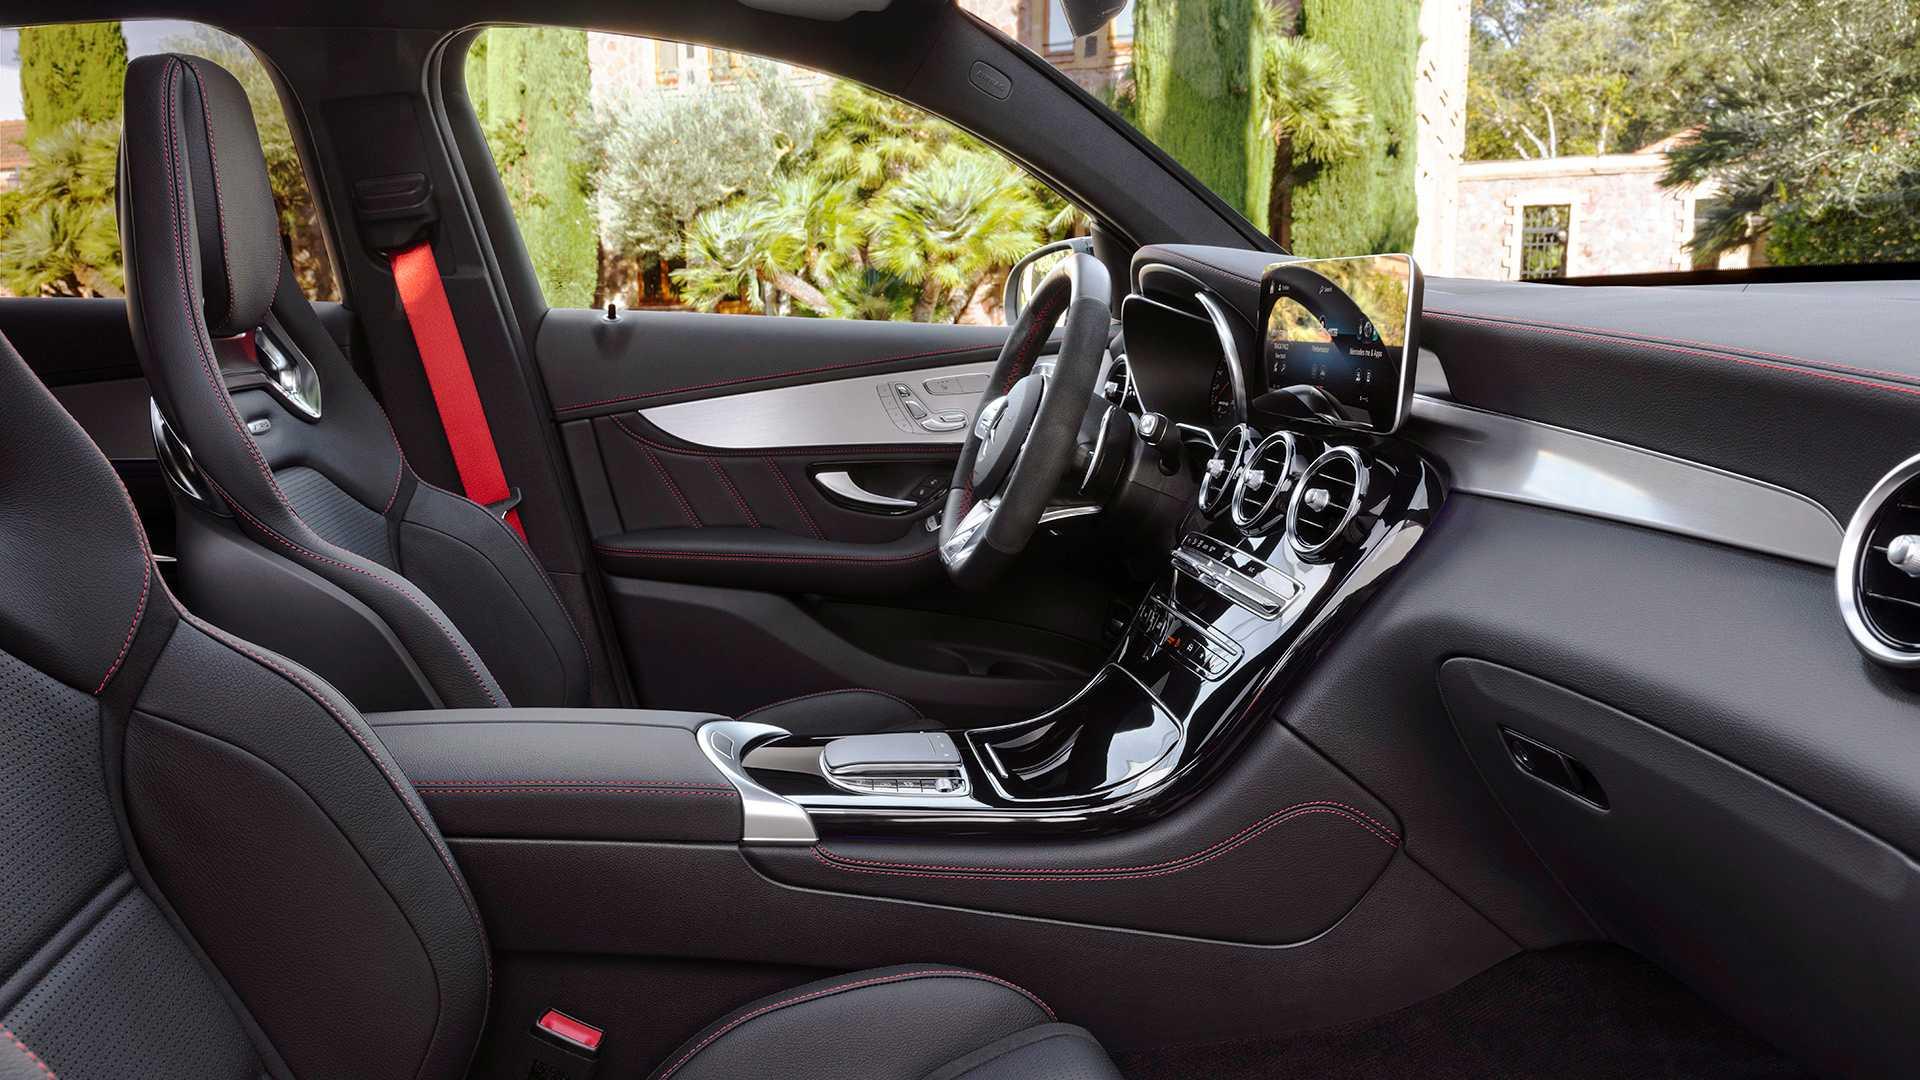 تلفیق جذابیت و قدرت در خودروی Mercedes-AMG GLC 2020 +تصاویر